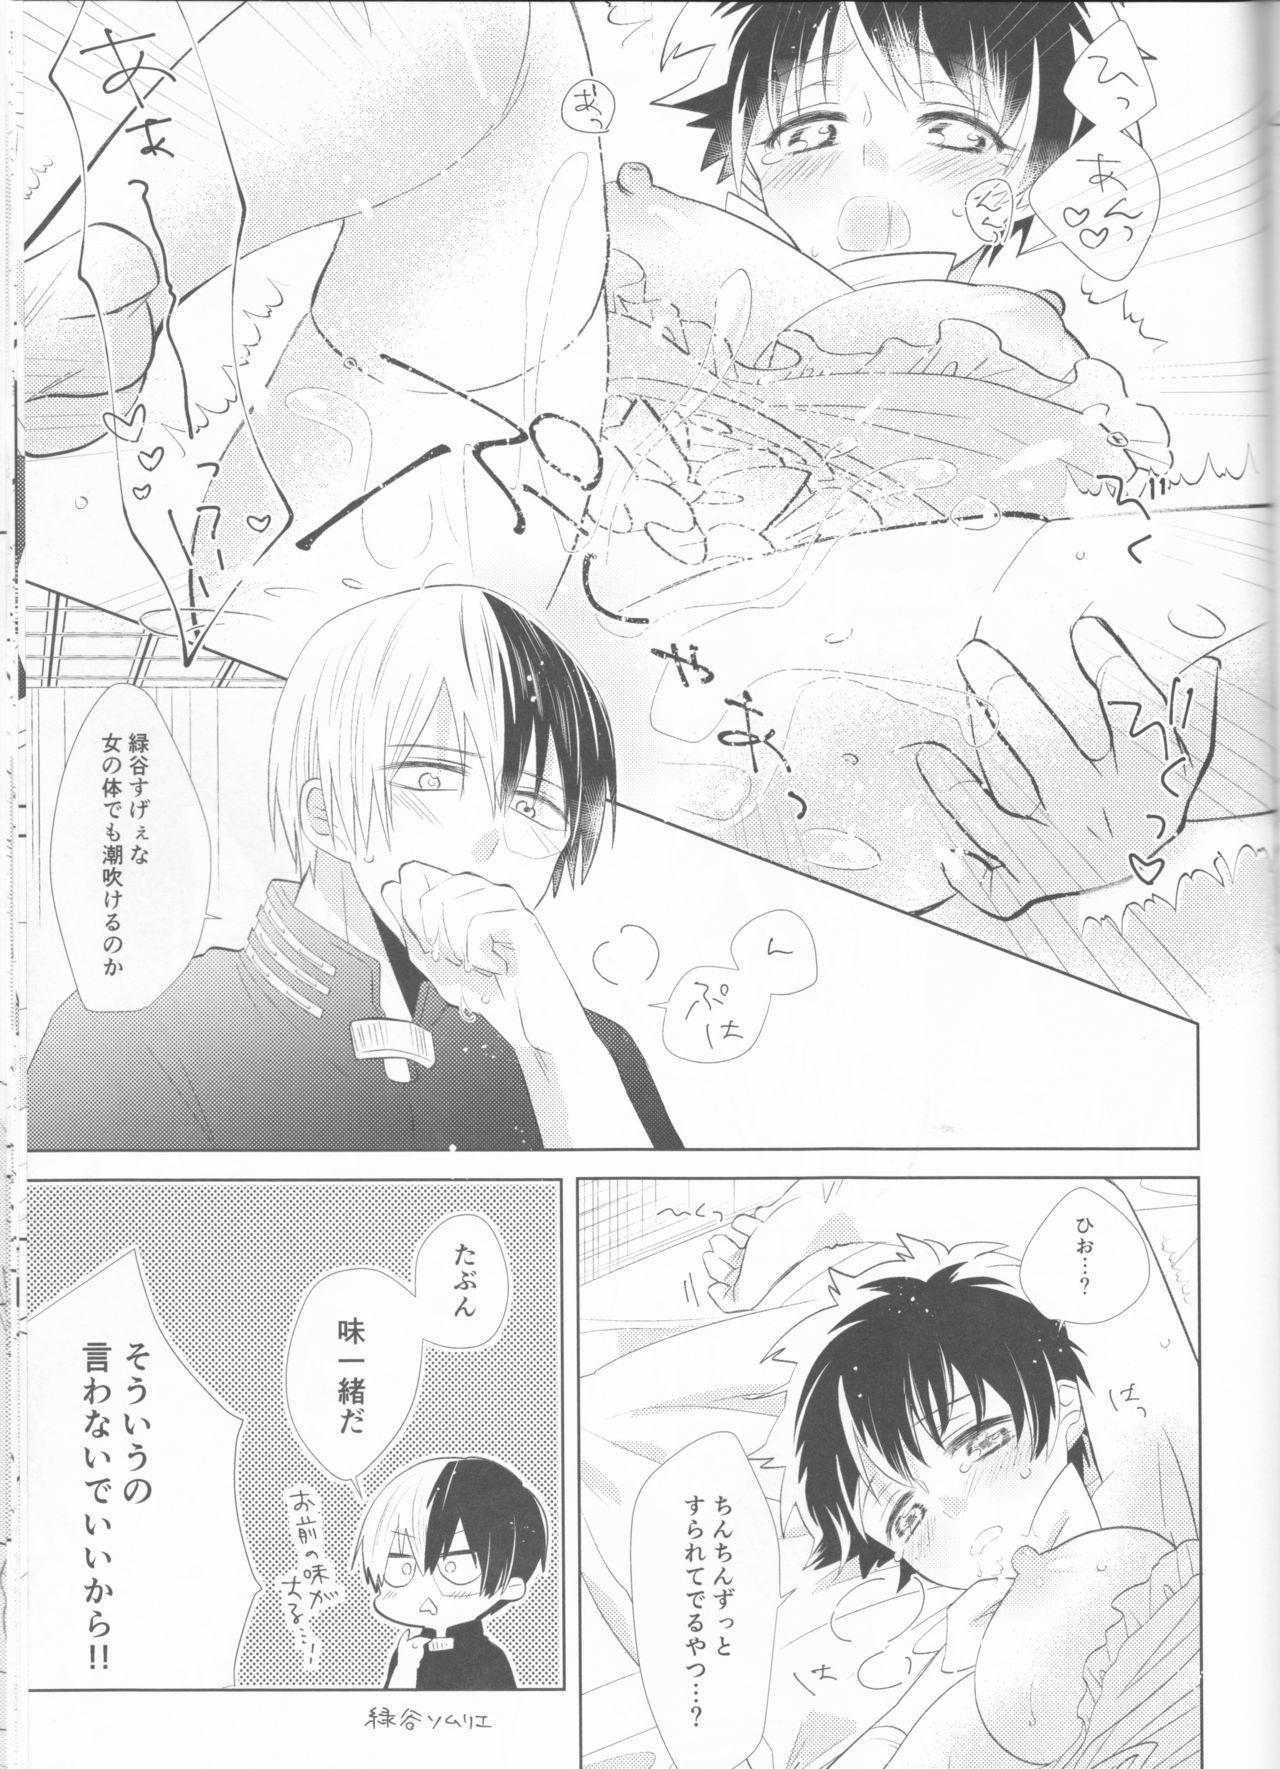 Sangatsu Usagi no Himegoto 19